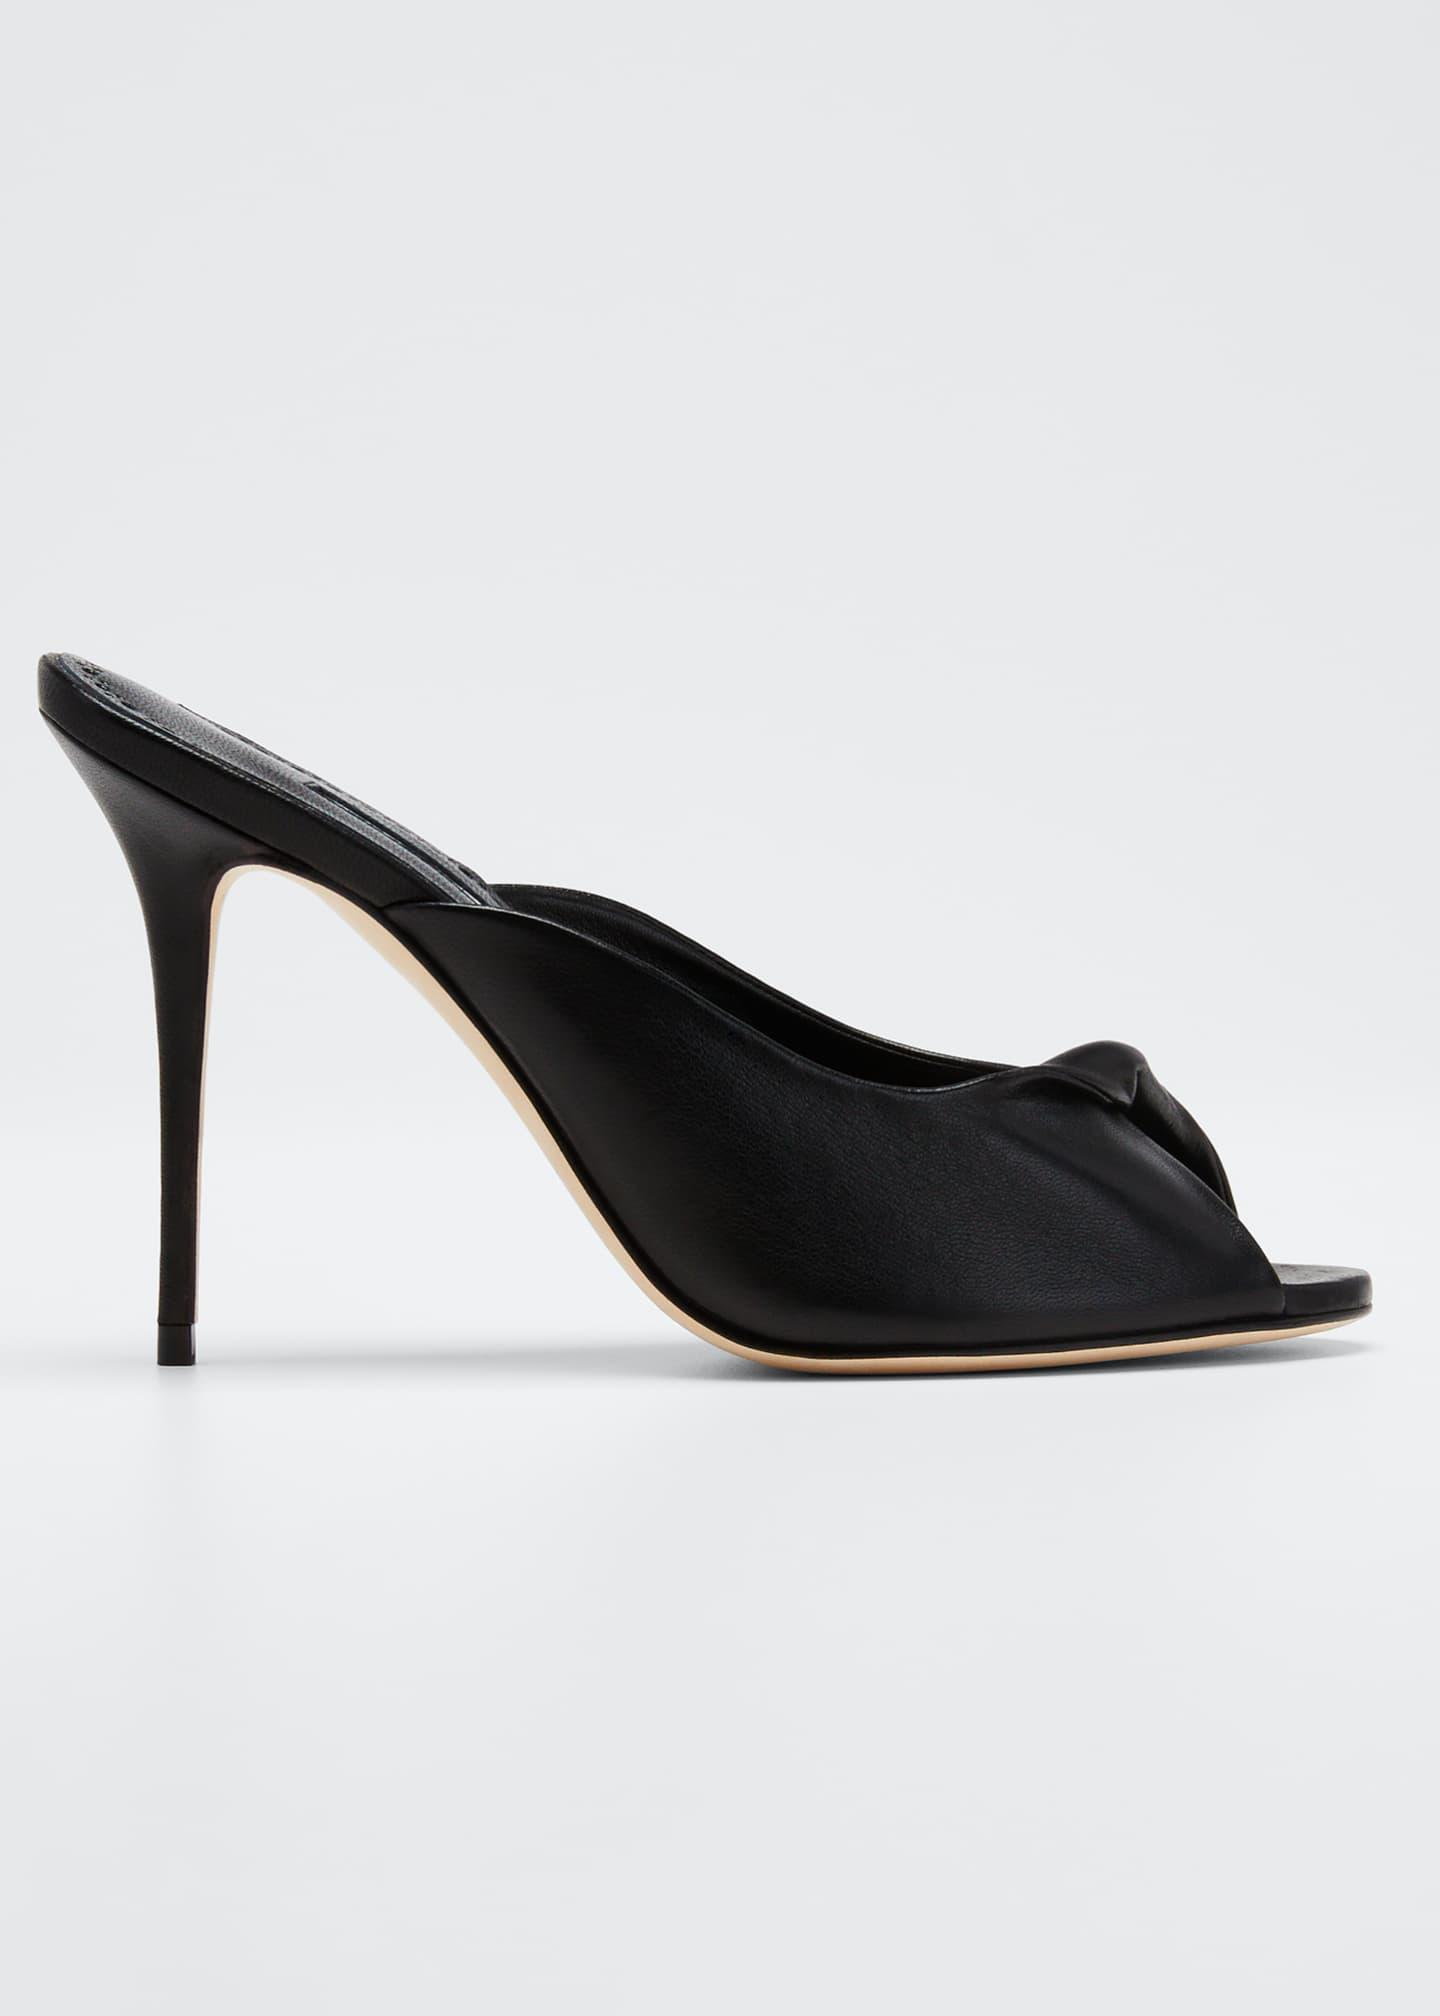 Manolo Blahnik Aliar Leather Slide Sandals